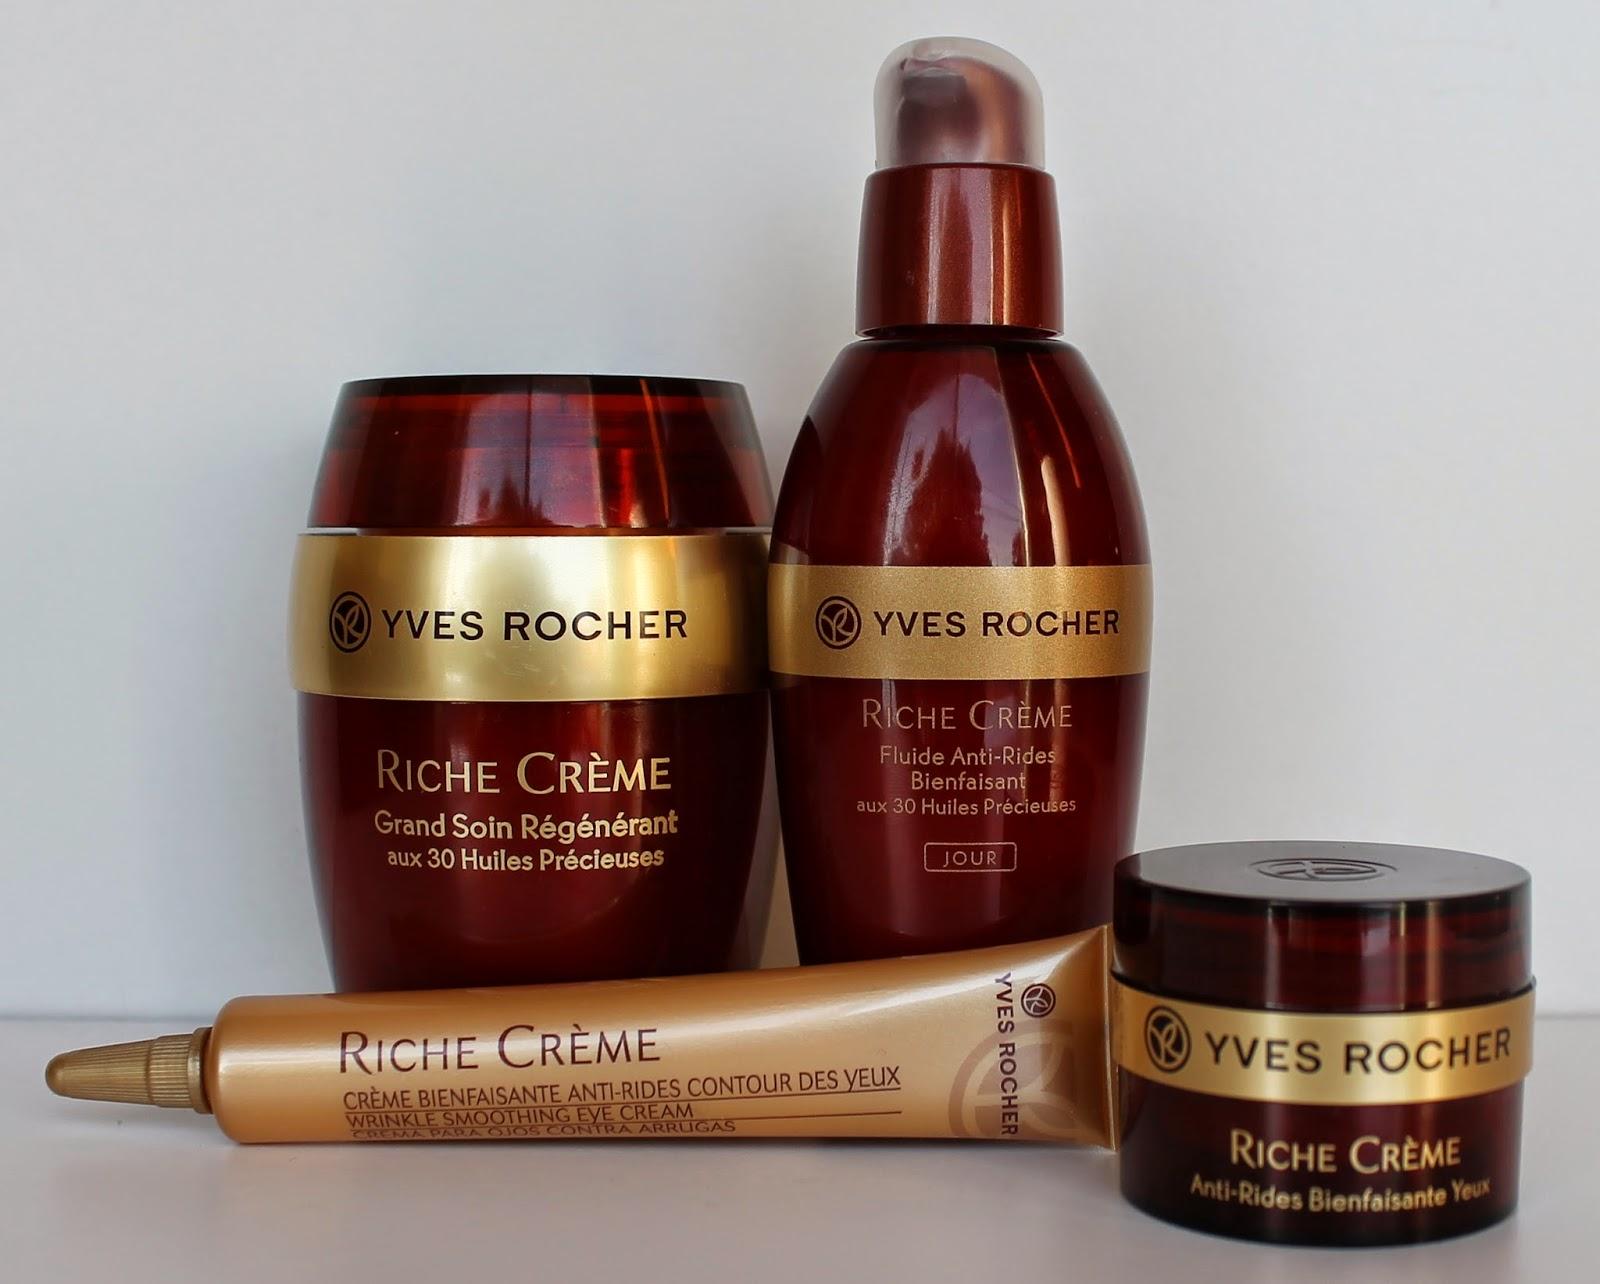 Yves Rocher Riche Crème 30 huiles précieuses